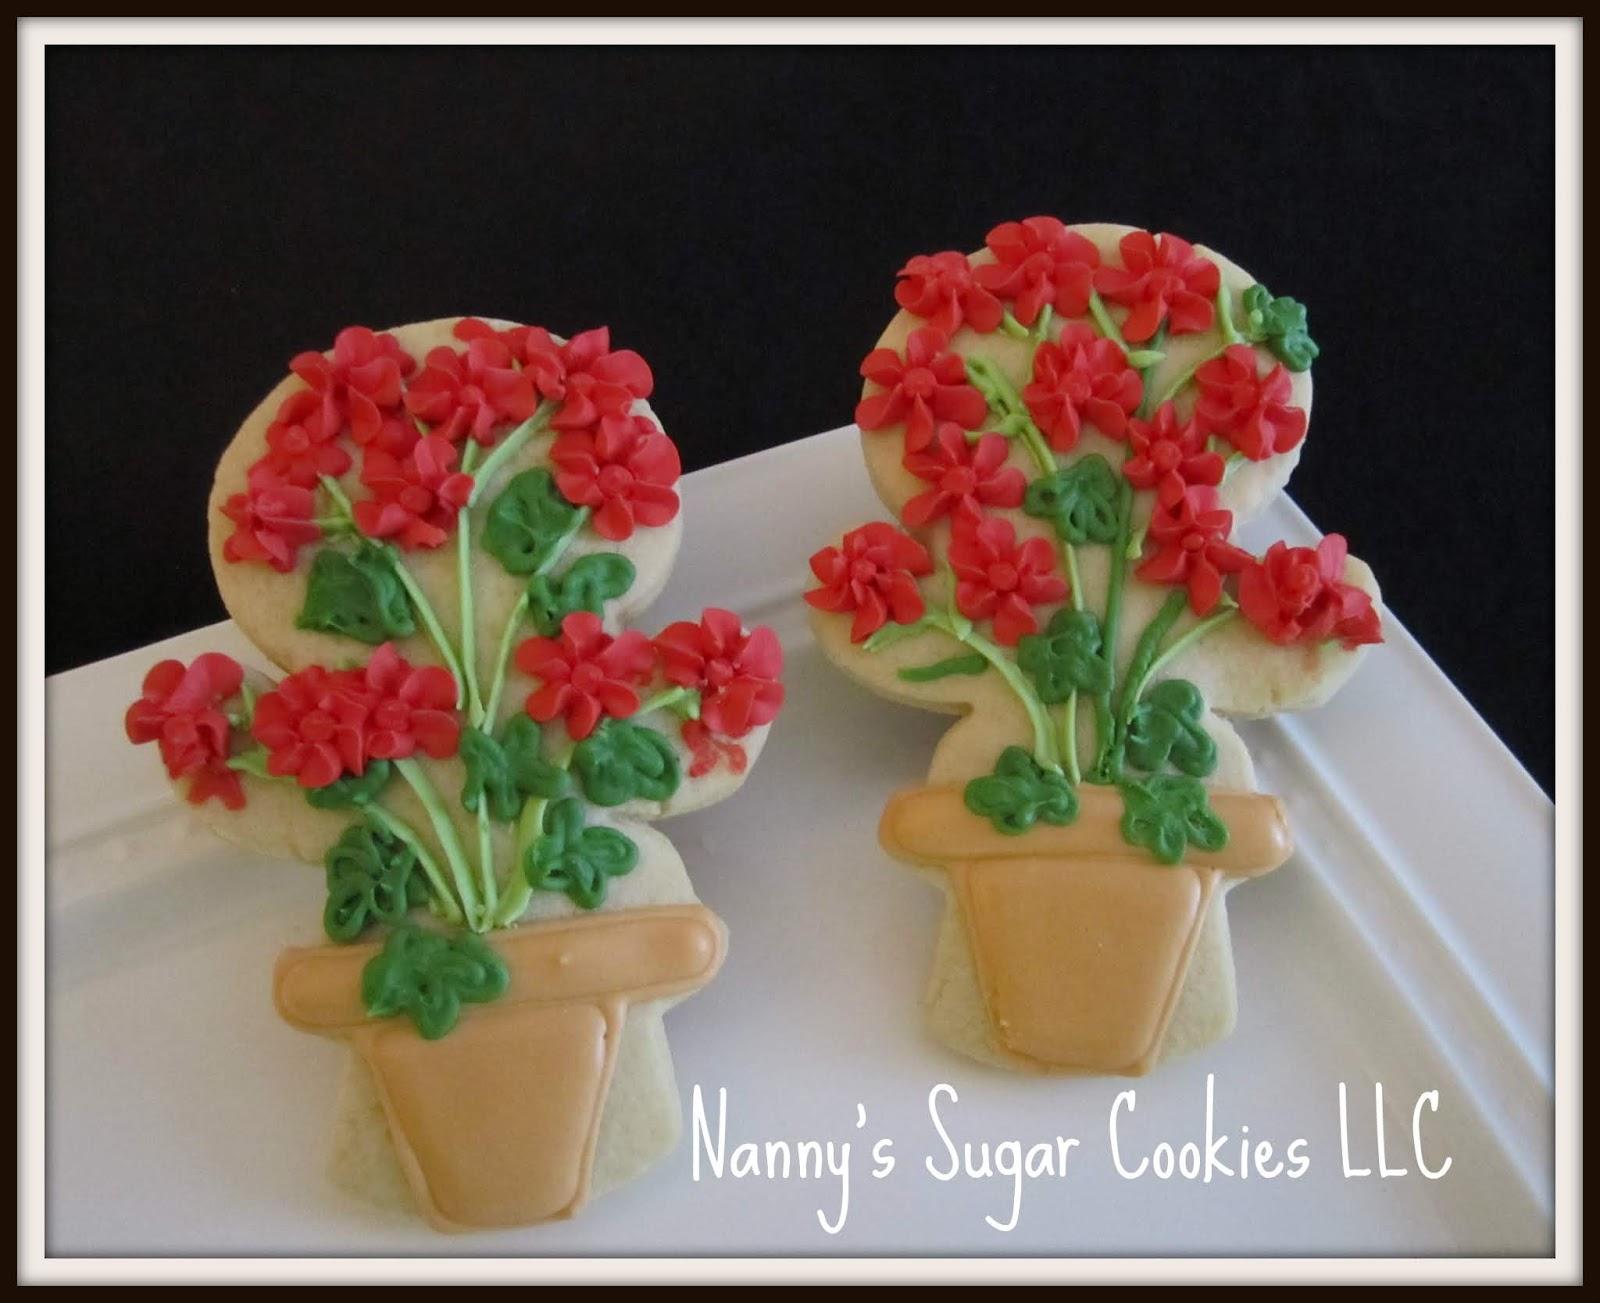 Nanny\u0027s Sugar Cookies LLC & Nanny\u0027s Sugar Cookies LLC: 2018 Flower pots and Bees...